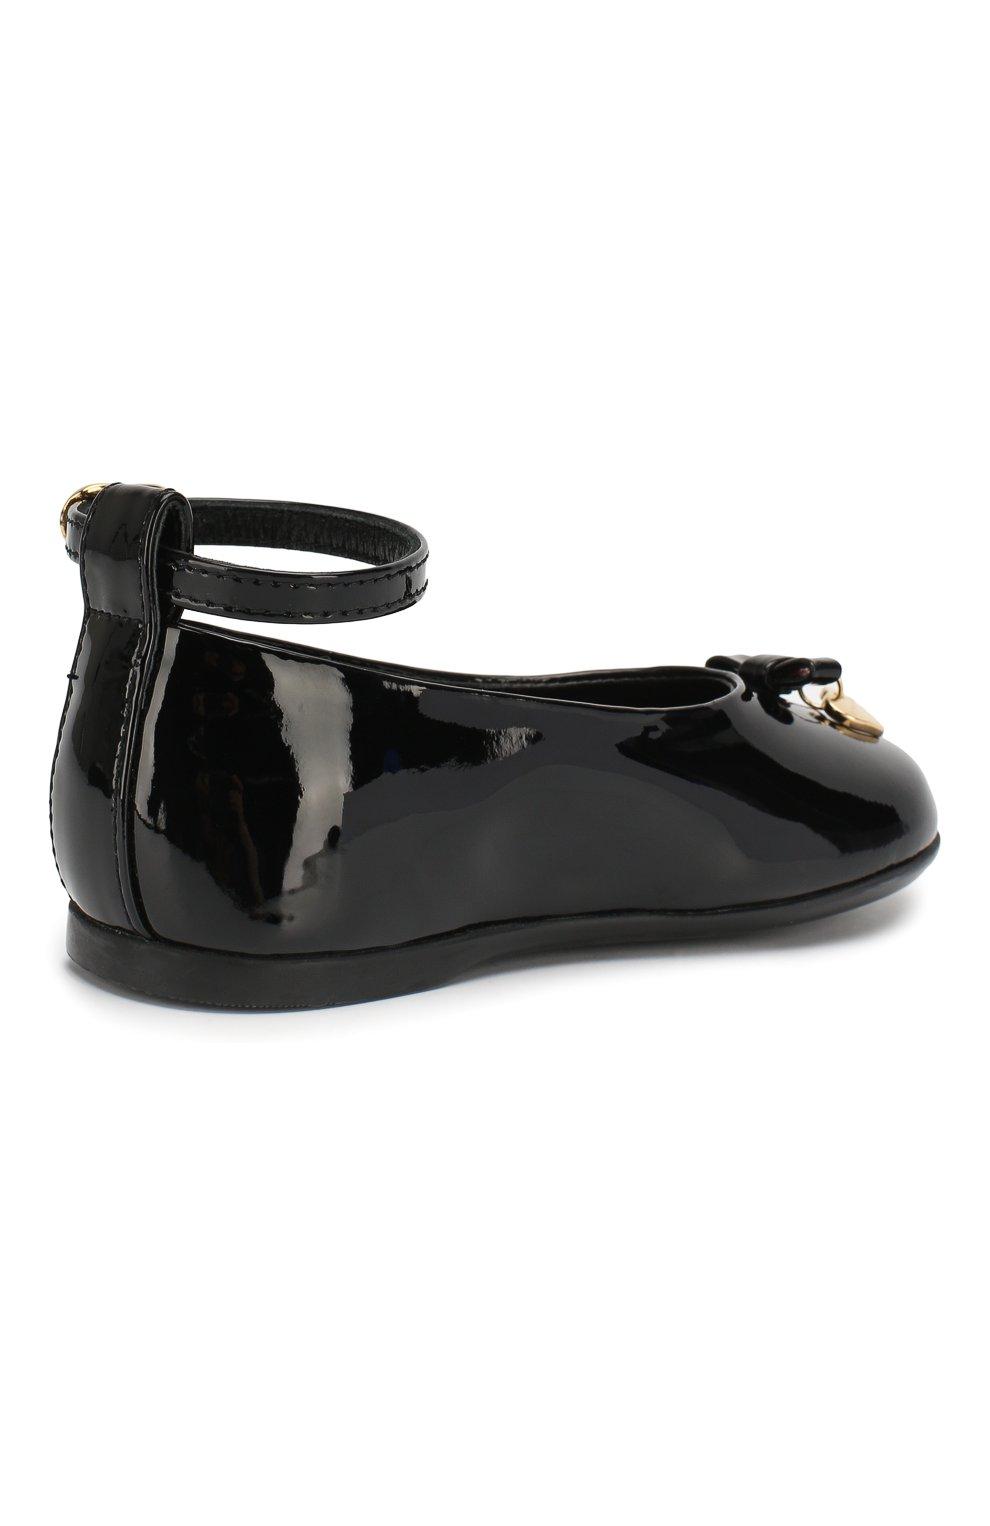 Детские лаковые туфли с бантом и подвеской Dolce & Gabbana черного цвета | Фото №3